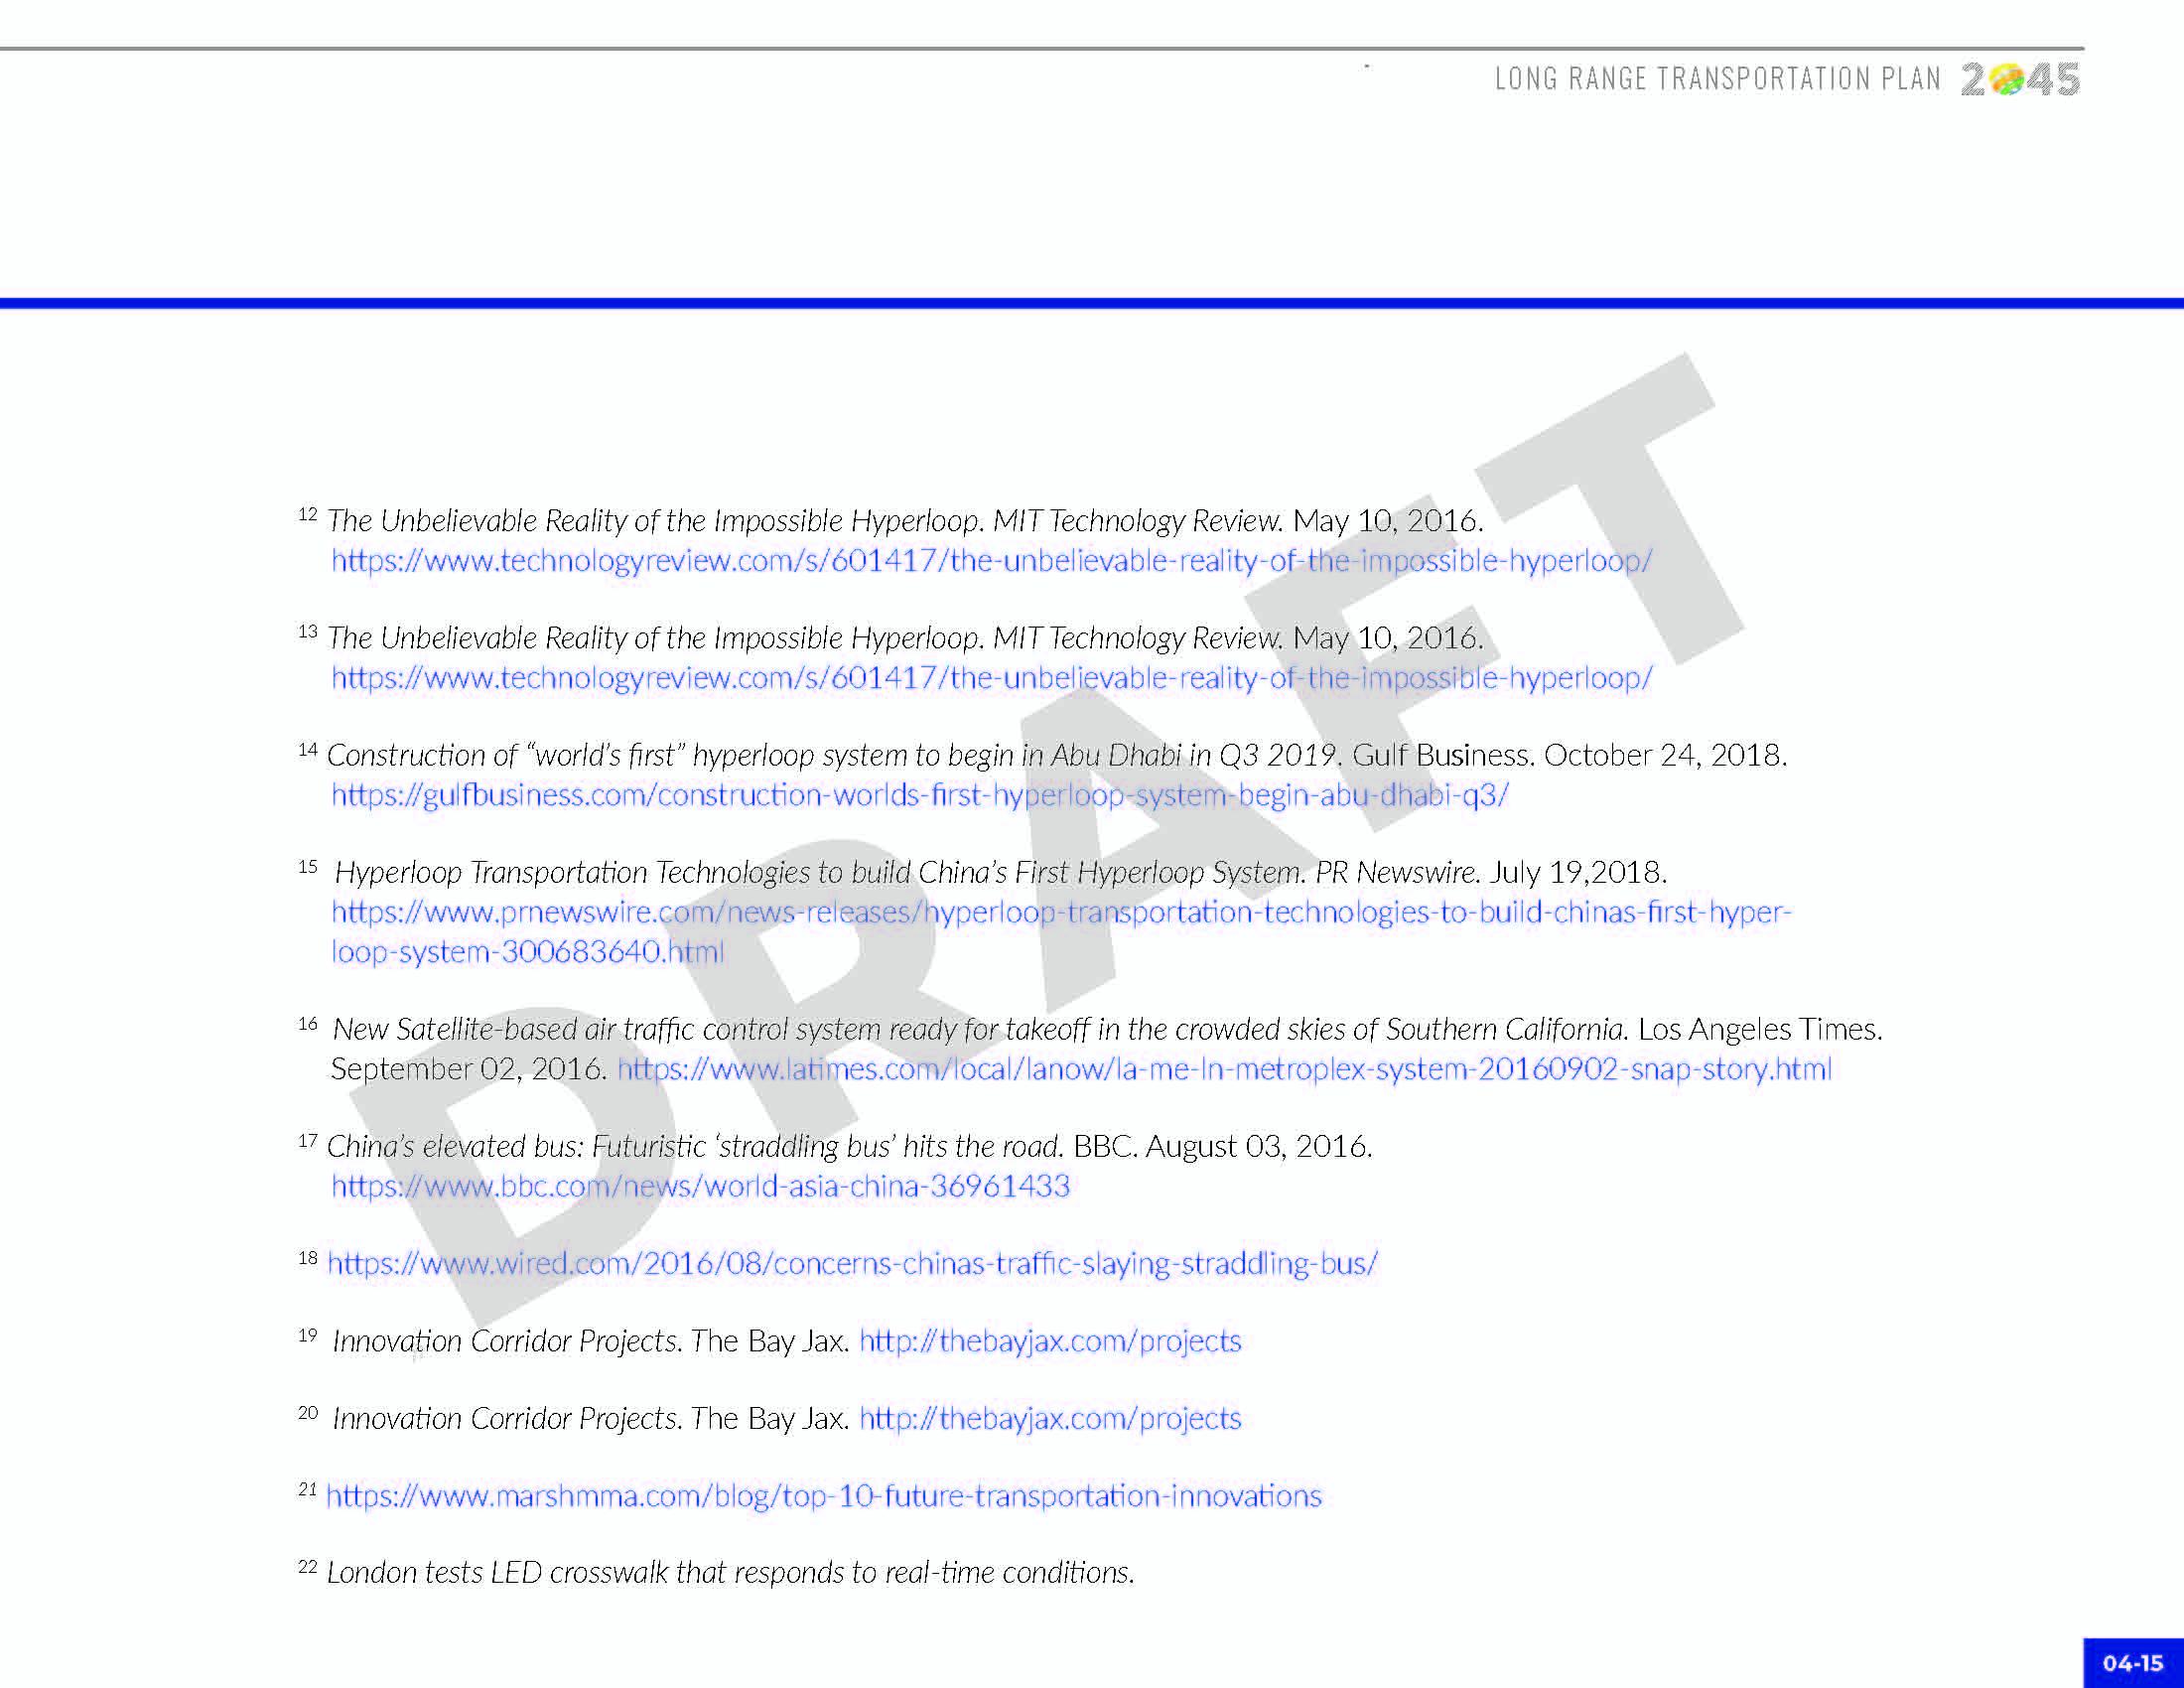 LRTP_072319_Page_091.jpg